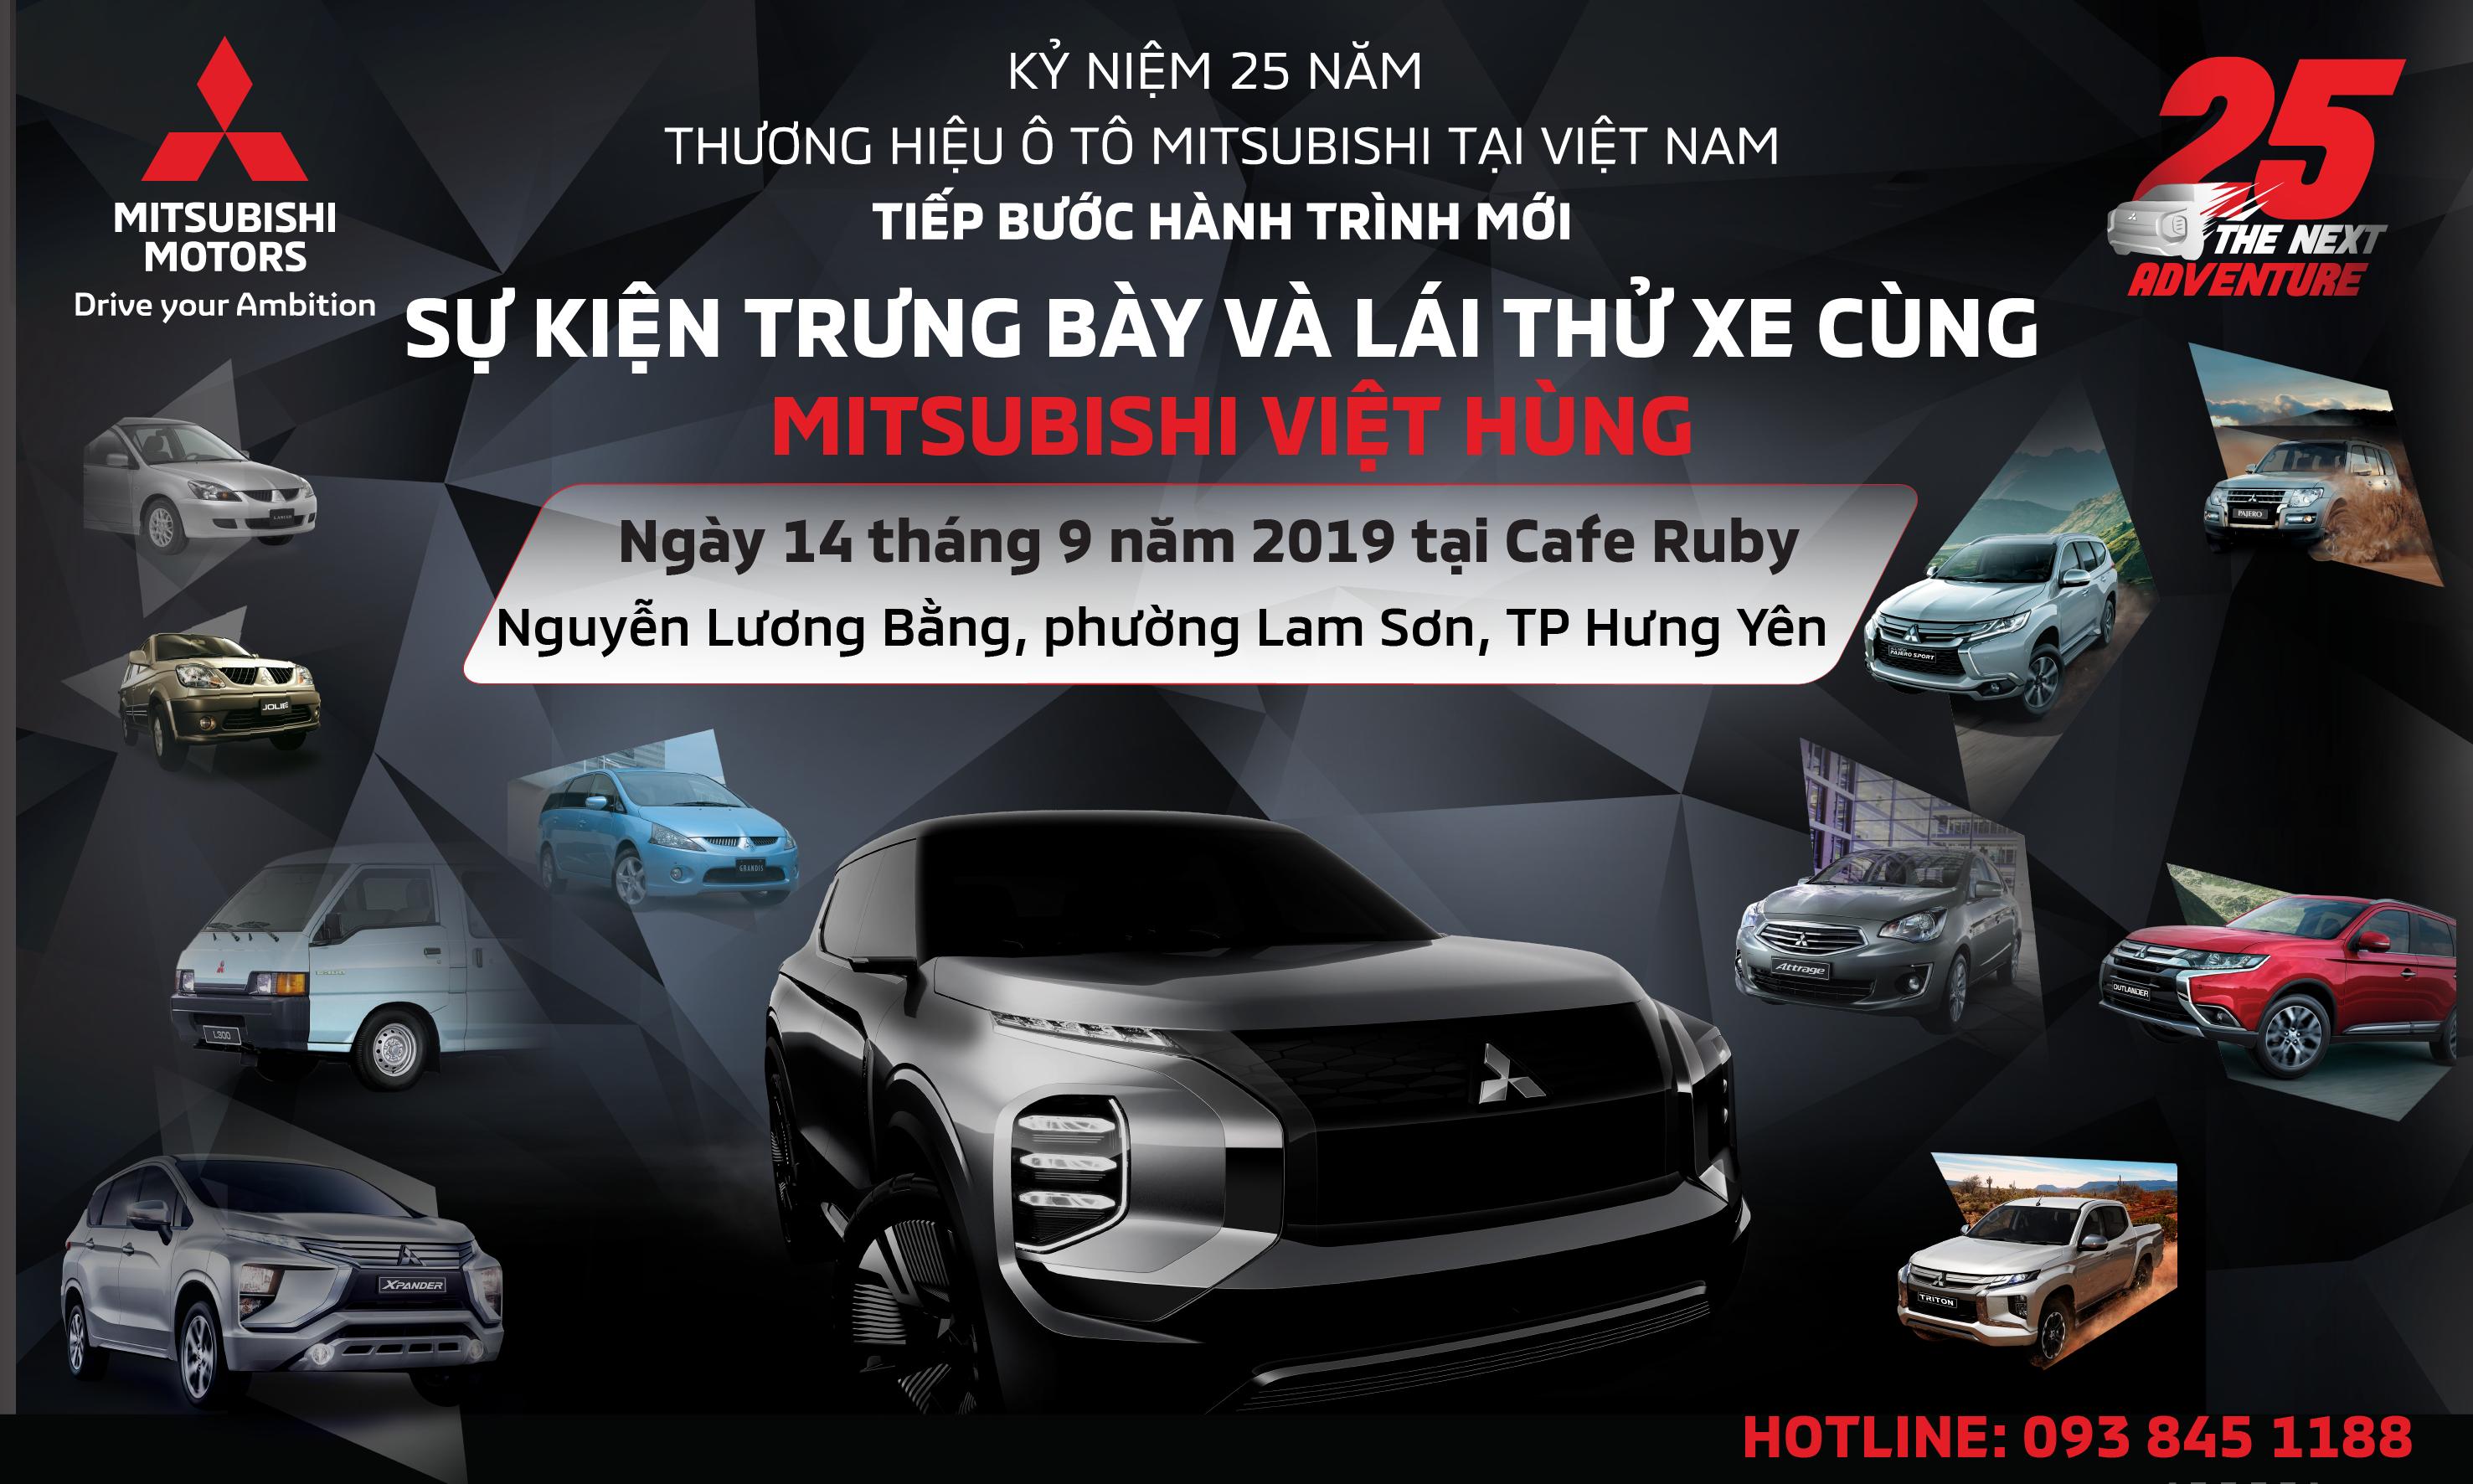 """Sự kiện """"Trưng bày và trải nghiệm xe cùng Mitsubishi Việt Hùng"""" ngày 14/09/2019"""